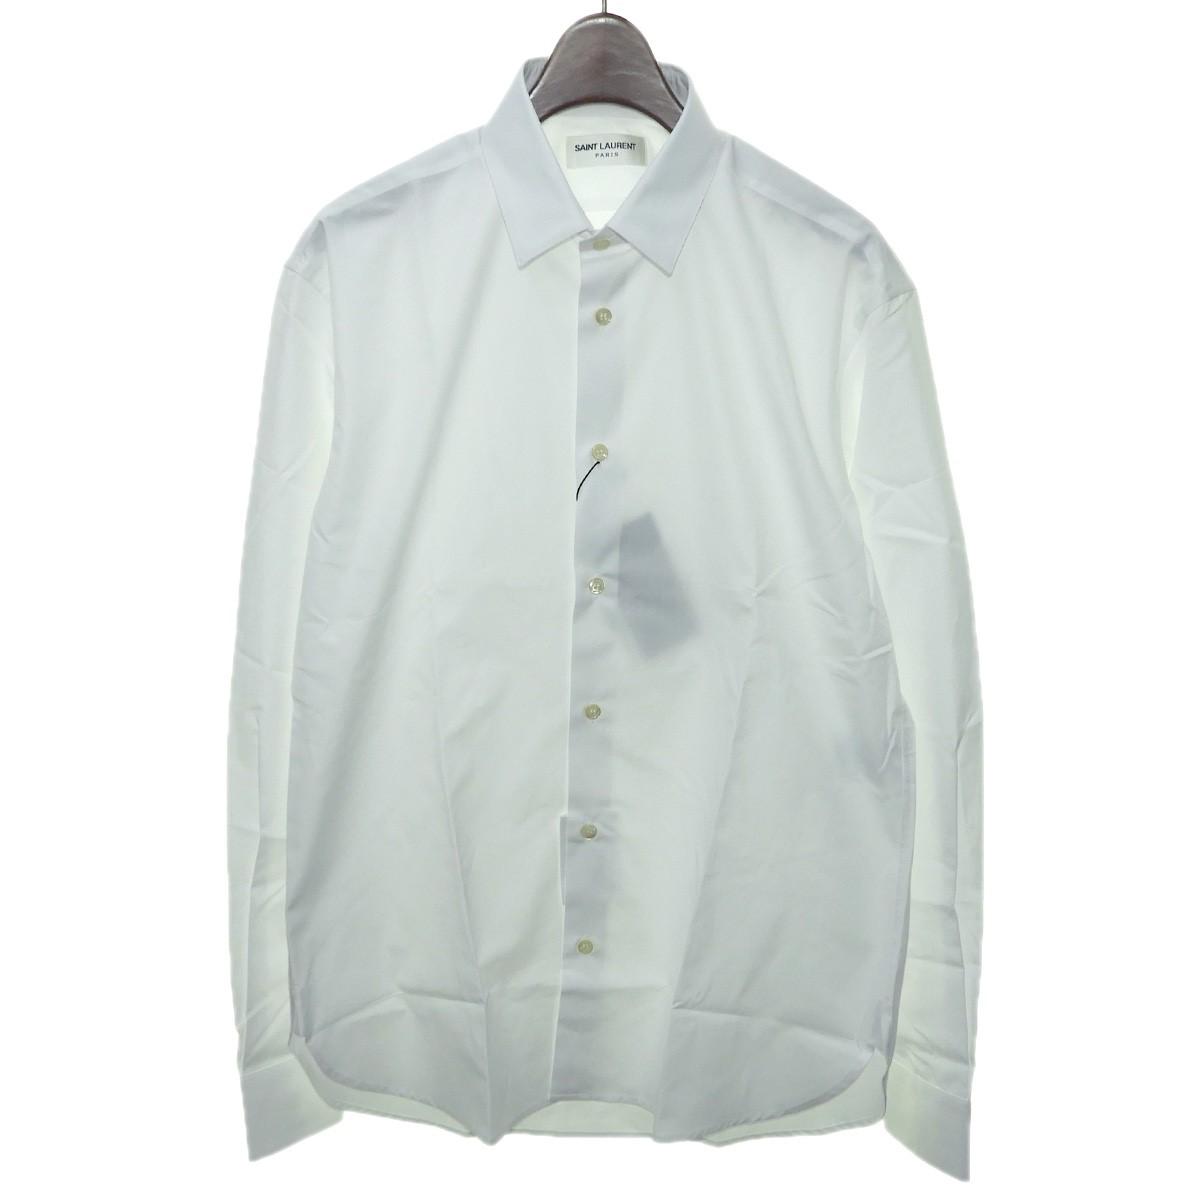 【中古】SAINT LAURENT PARIS プレーンシャツ ホワイト サイズ:38/15 【210420】(サンローランパリ)